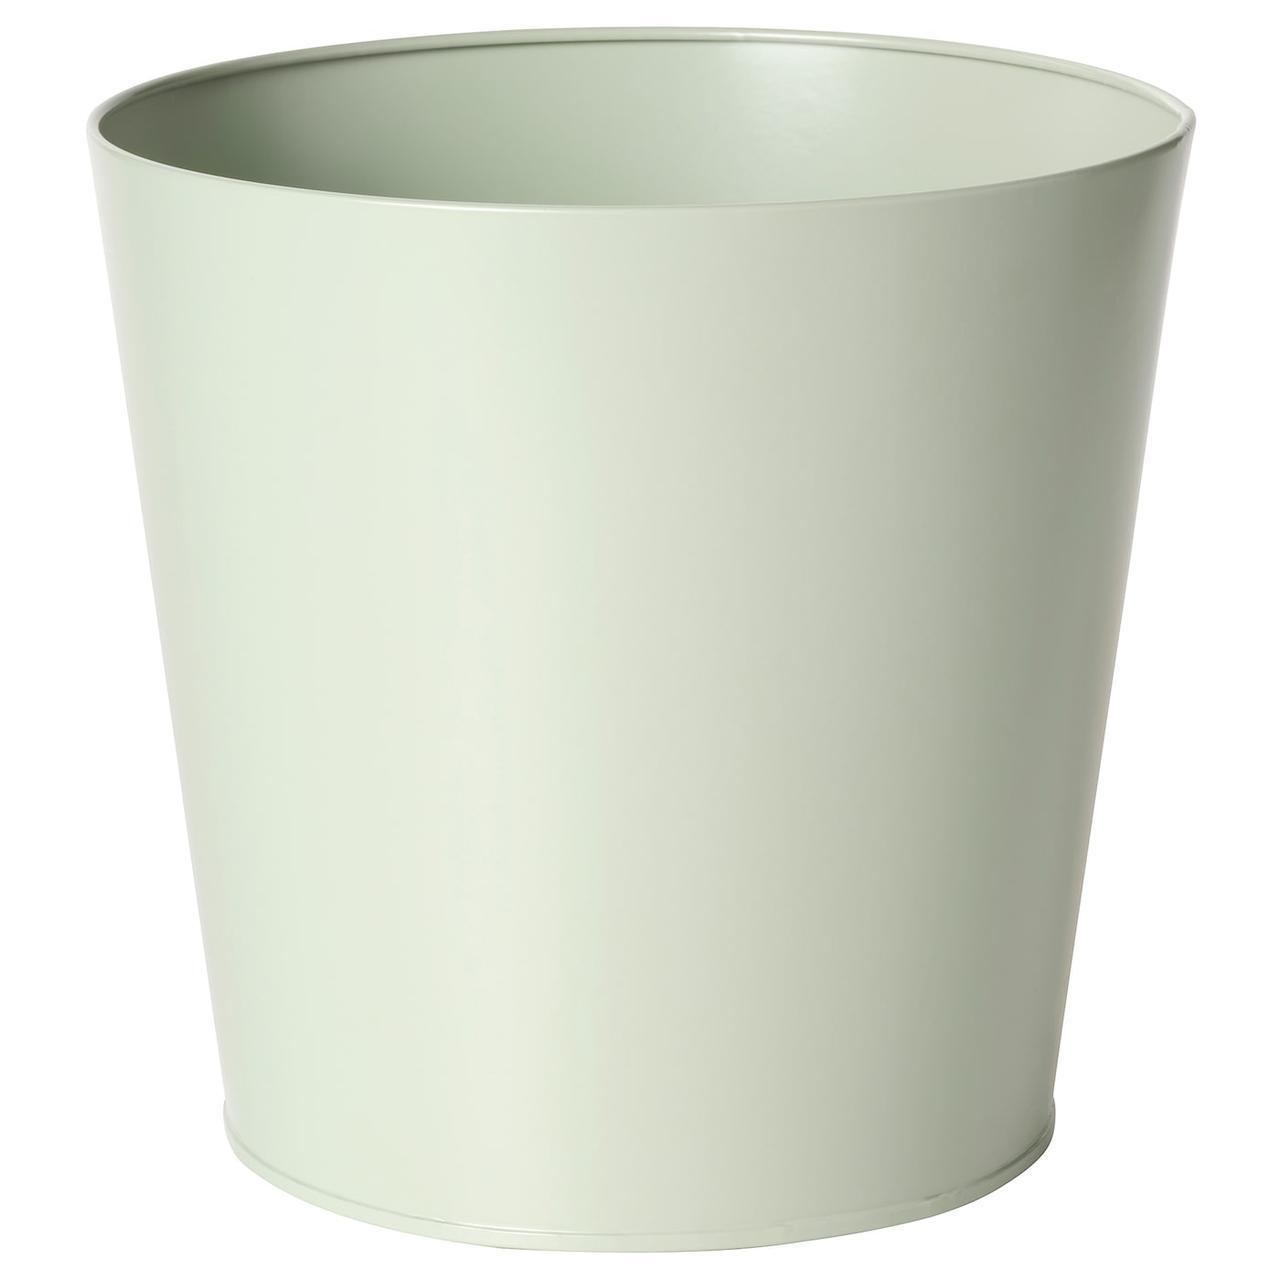 IKEA VITLÖK Цветочный горшок, 24